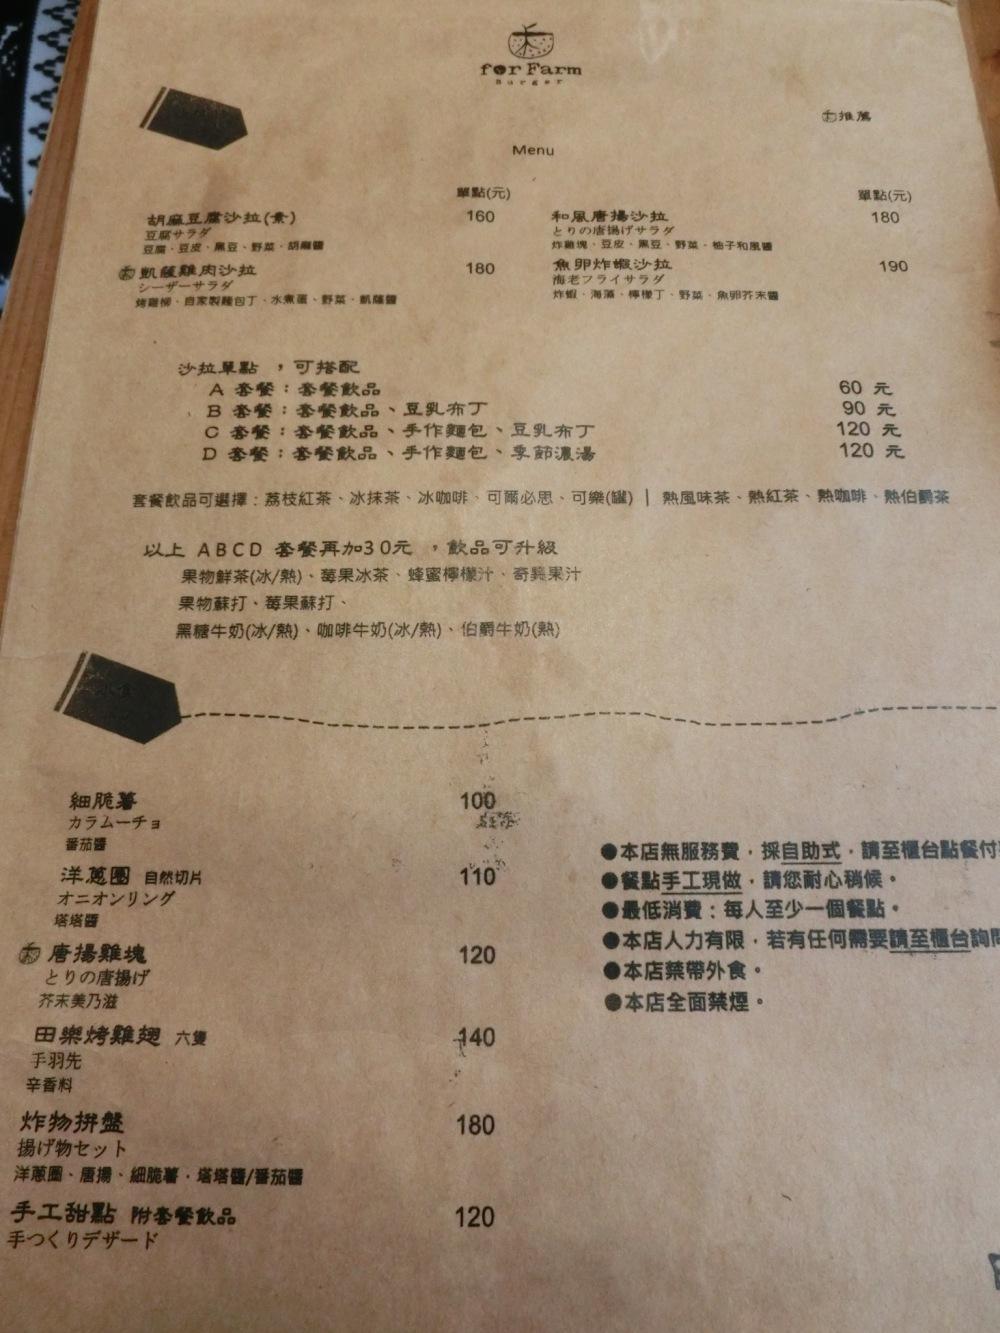 【台中】街角美食連續48小時吃不完篇-田樂、風風亭拉麵、雙 ...